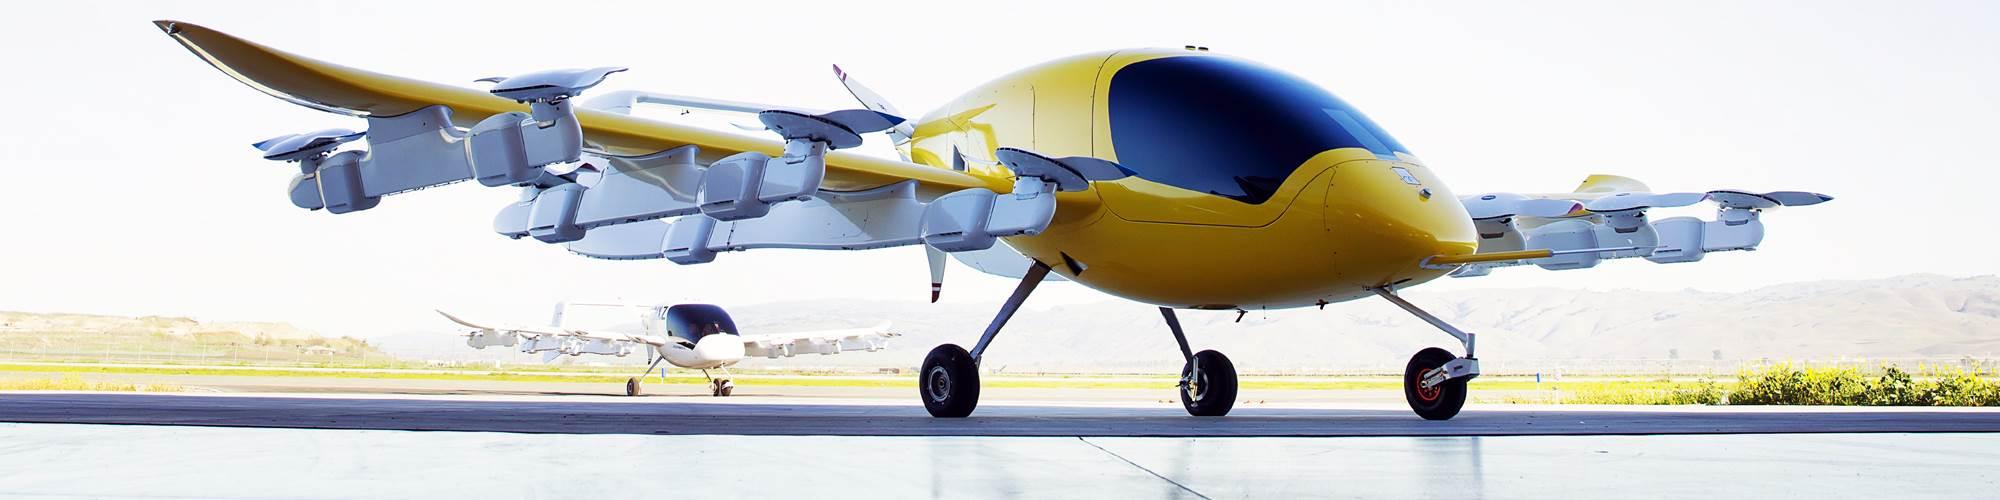 Wisk's Cora autonomous air taxi